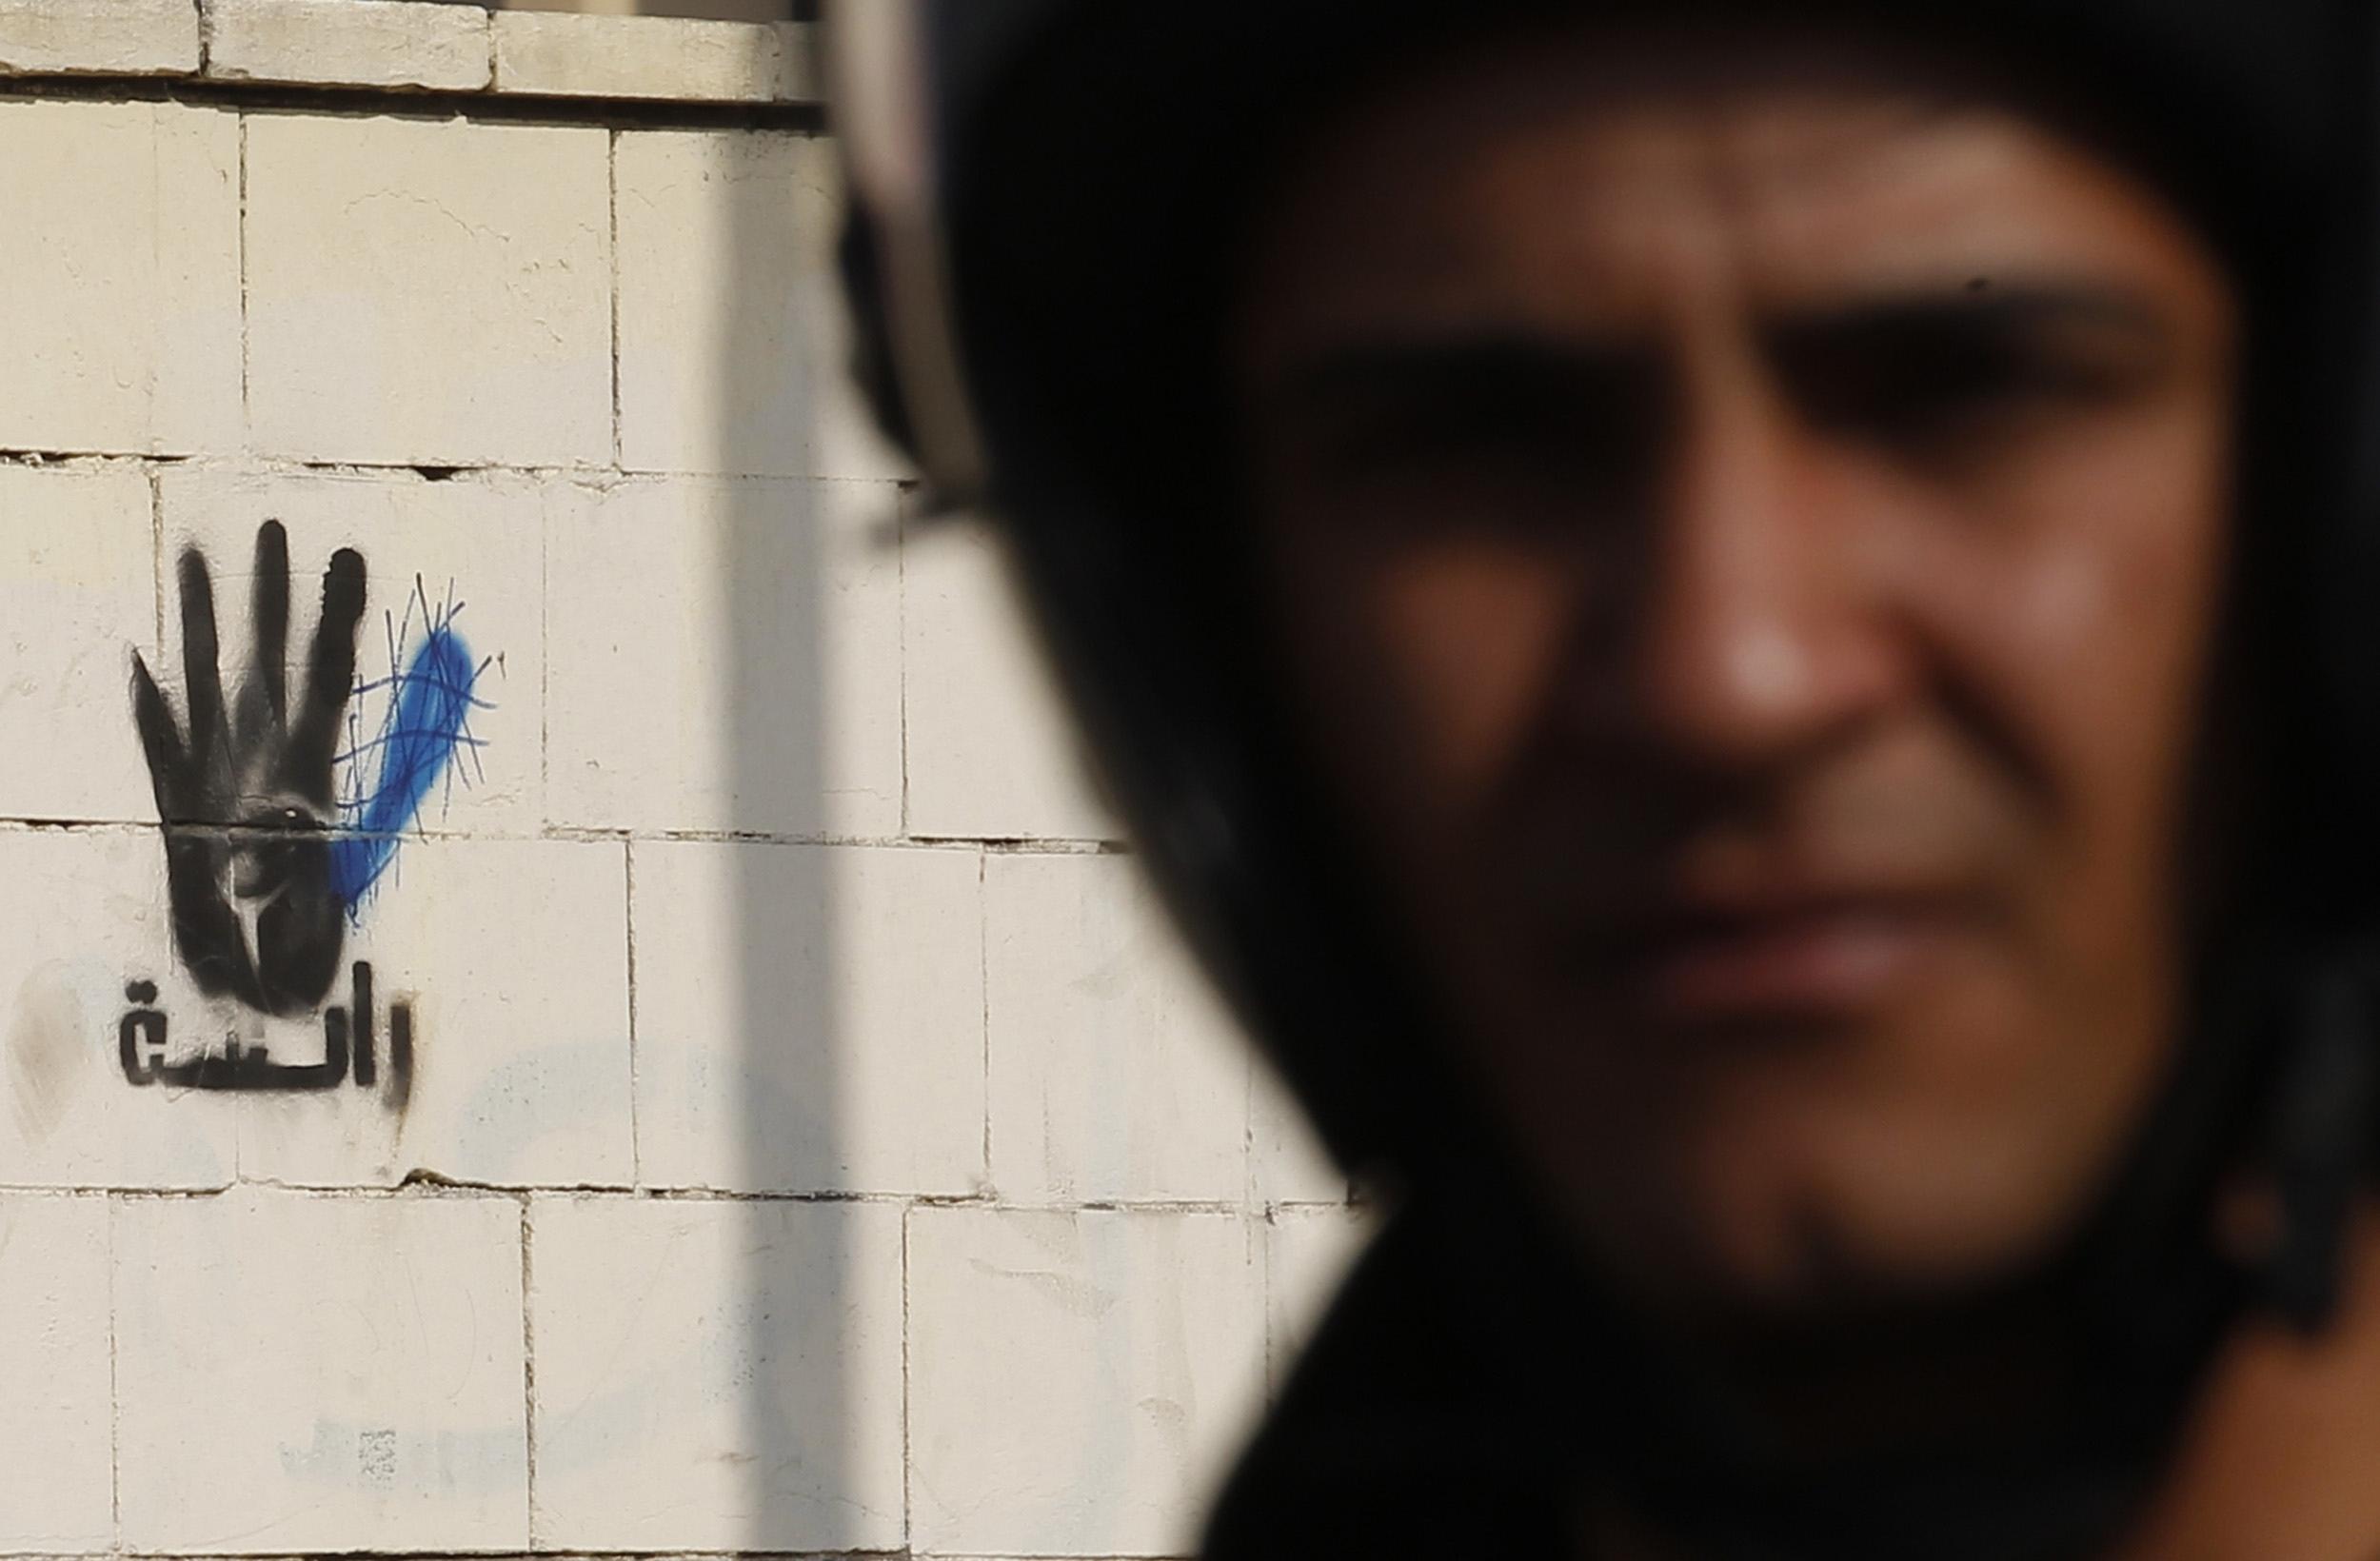 Policeman gunned down in Upper Egypt's Sohag - state agency